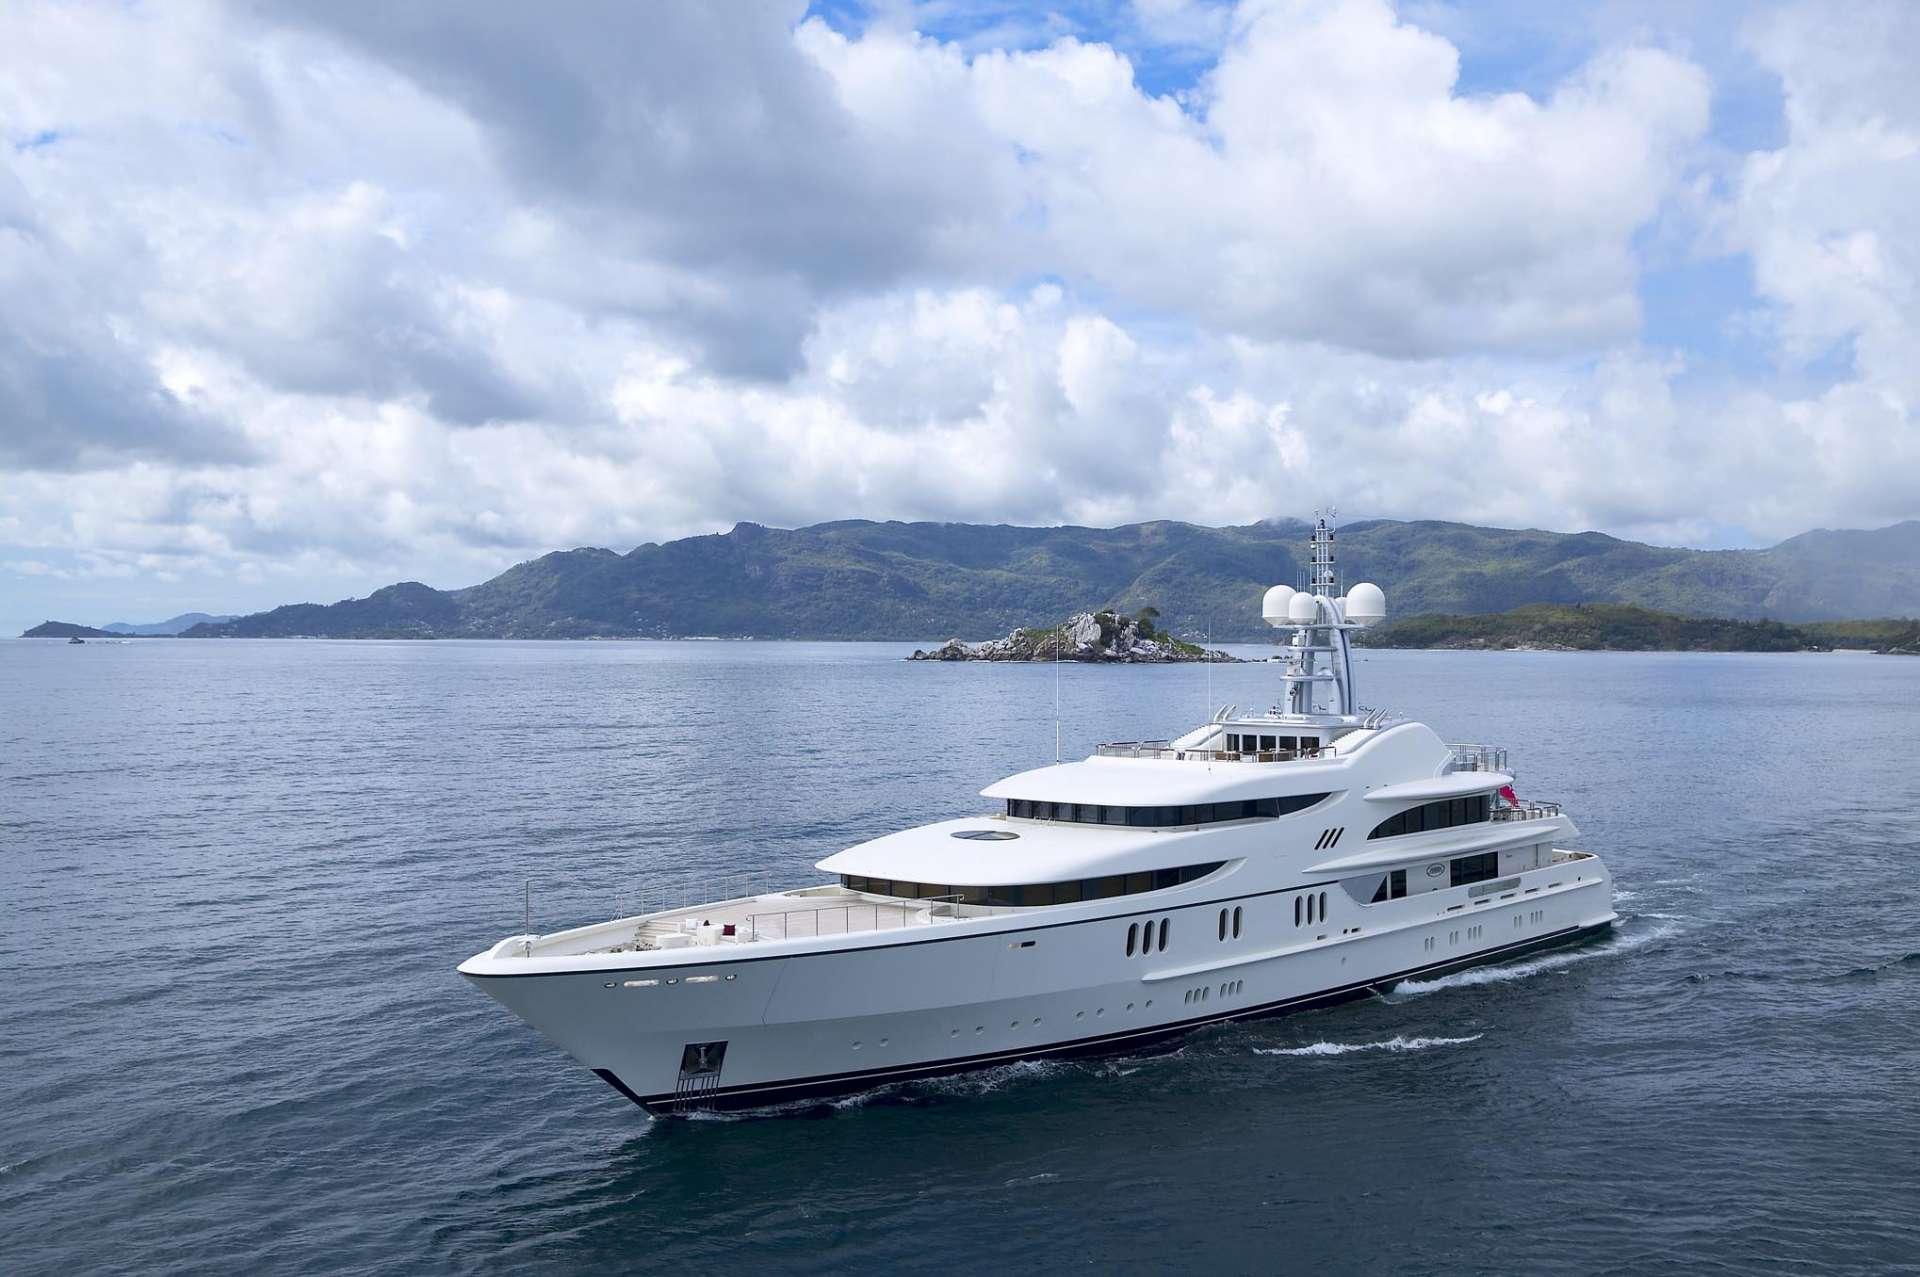 Anna By Feadship Cruising The Mediterranean